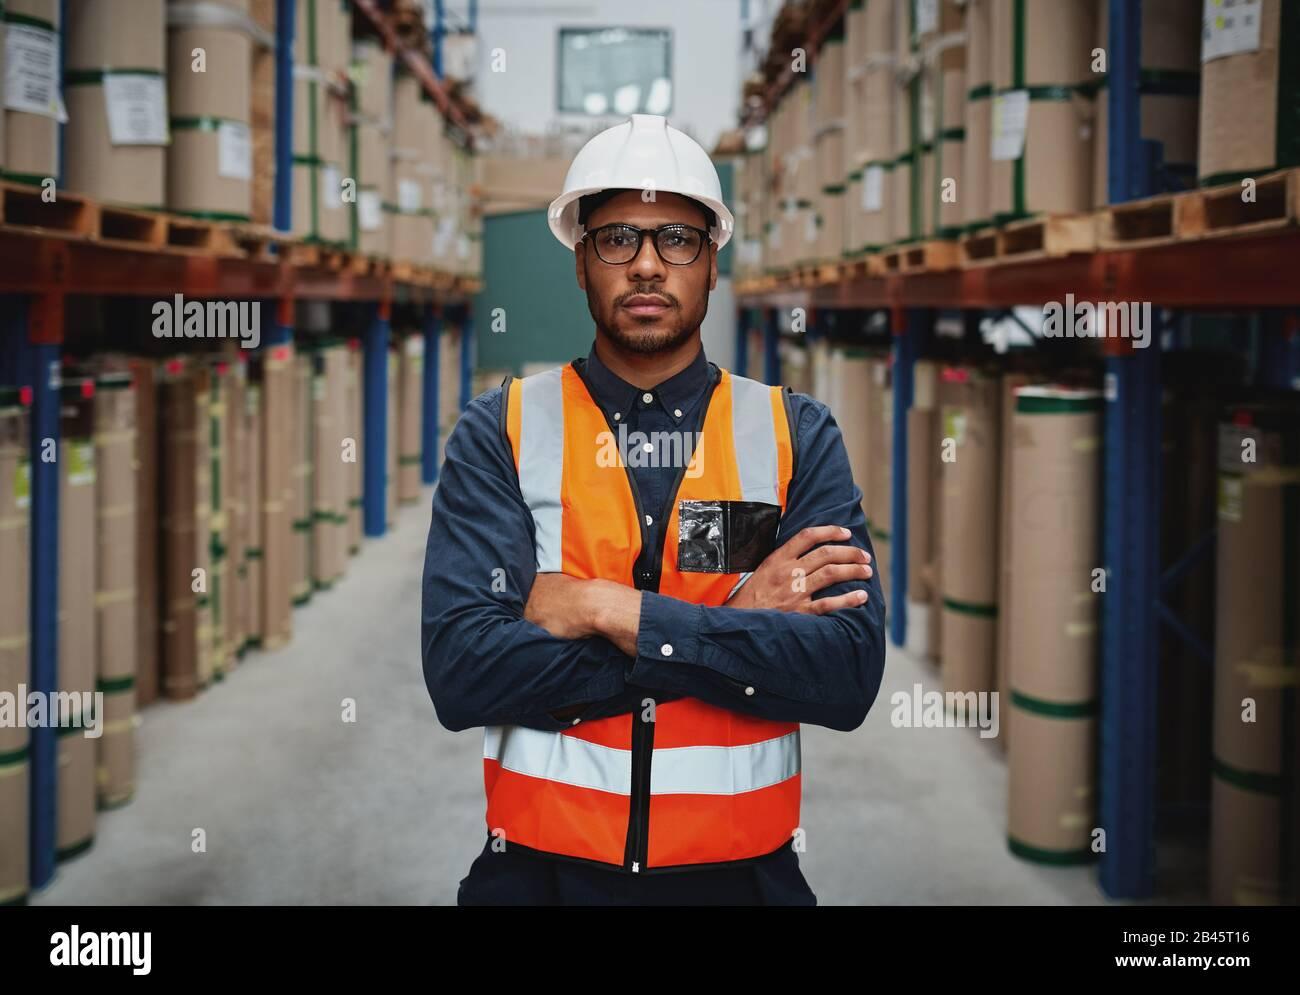 Jeune Manager confiant avec bras croisé portant un gilet orange et un casque blanc dans l'unité de fabrication regardant la caméra Banque D'Images